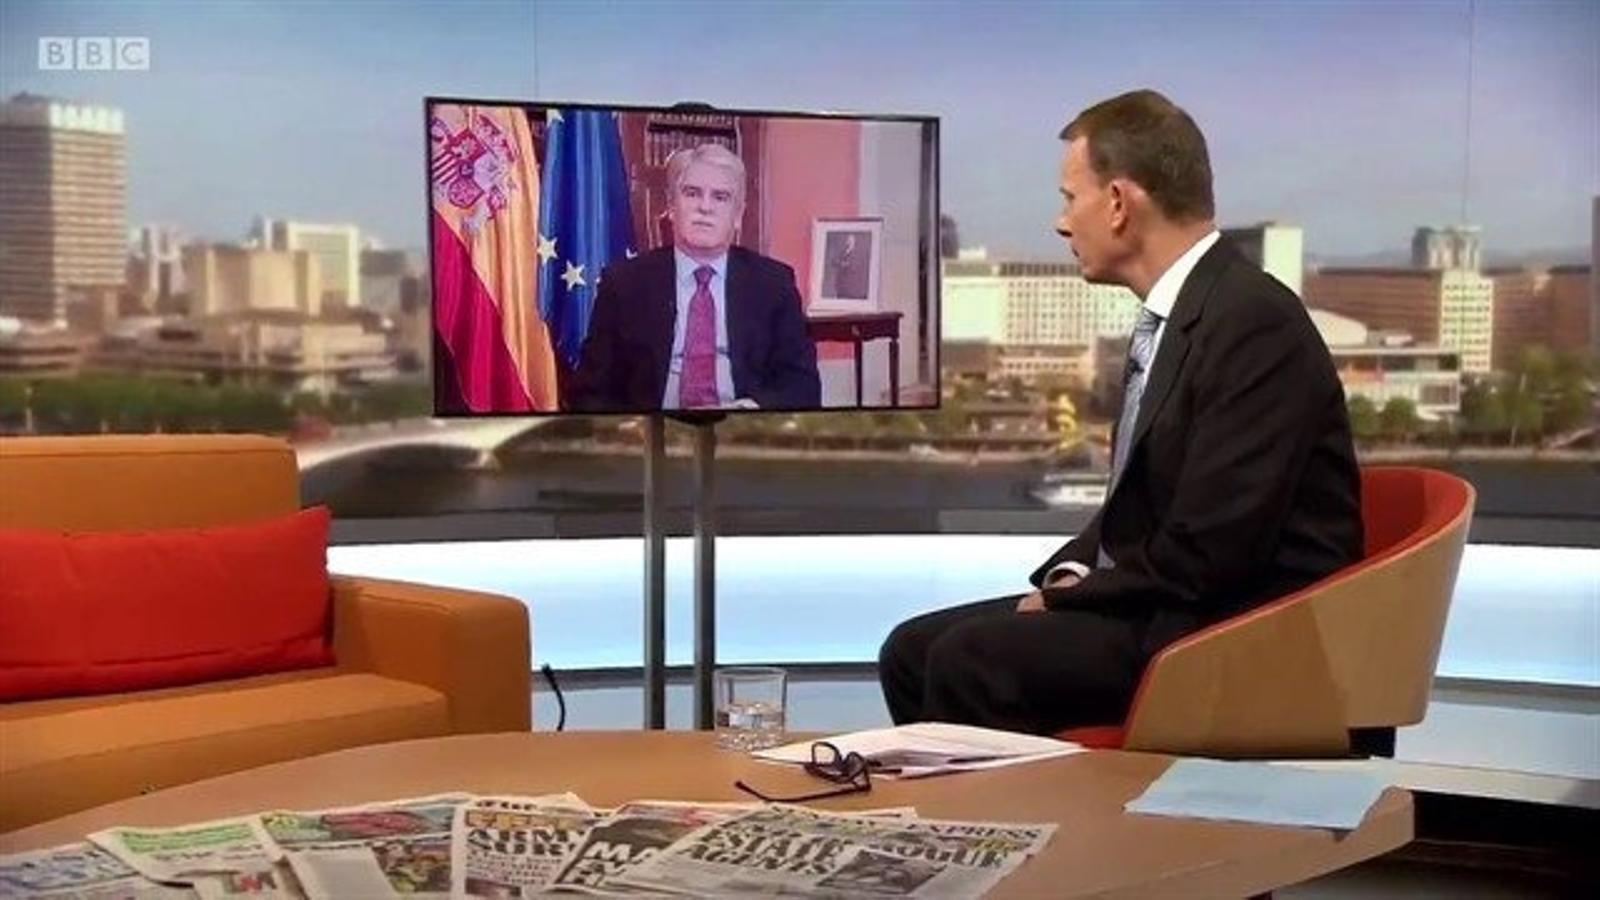 22 d'octubre del 2017: Dastis diu a la BBC que moltes de les imatges de l'1-O eren falses